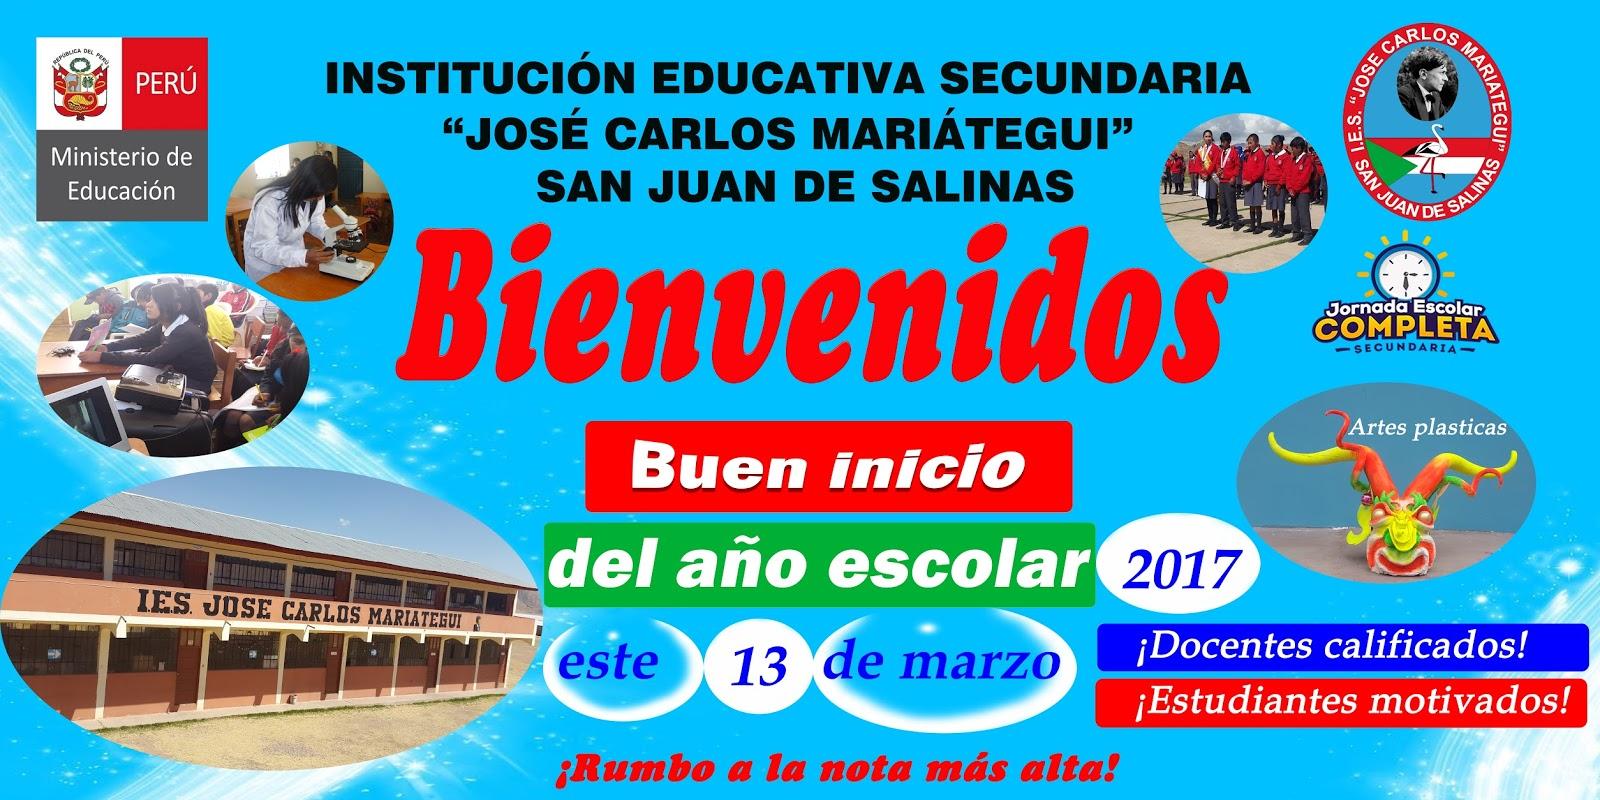 """IES """"JOSÉ CARLOS MARIÁTEGUI"""" - SAN JUAN DE SALINAS"""